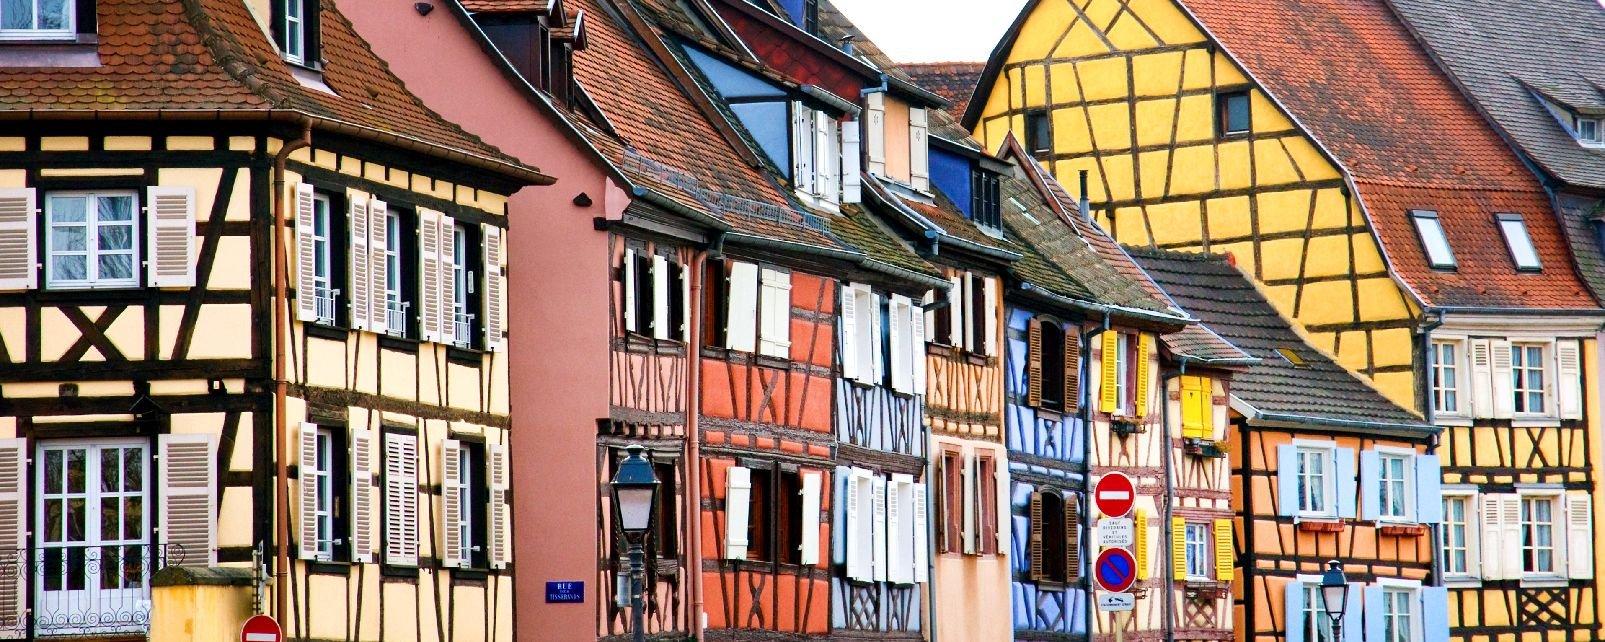 Le abitazioni a a graticcio alsazia francia for Case padronali francesi